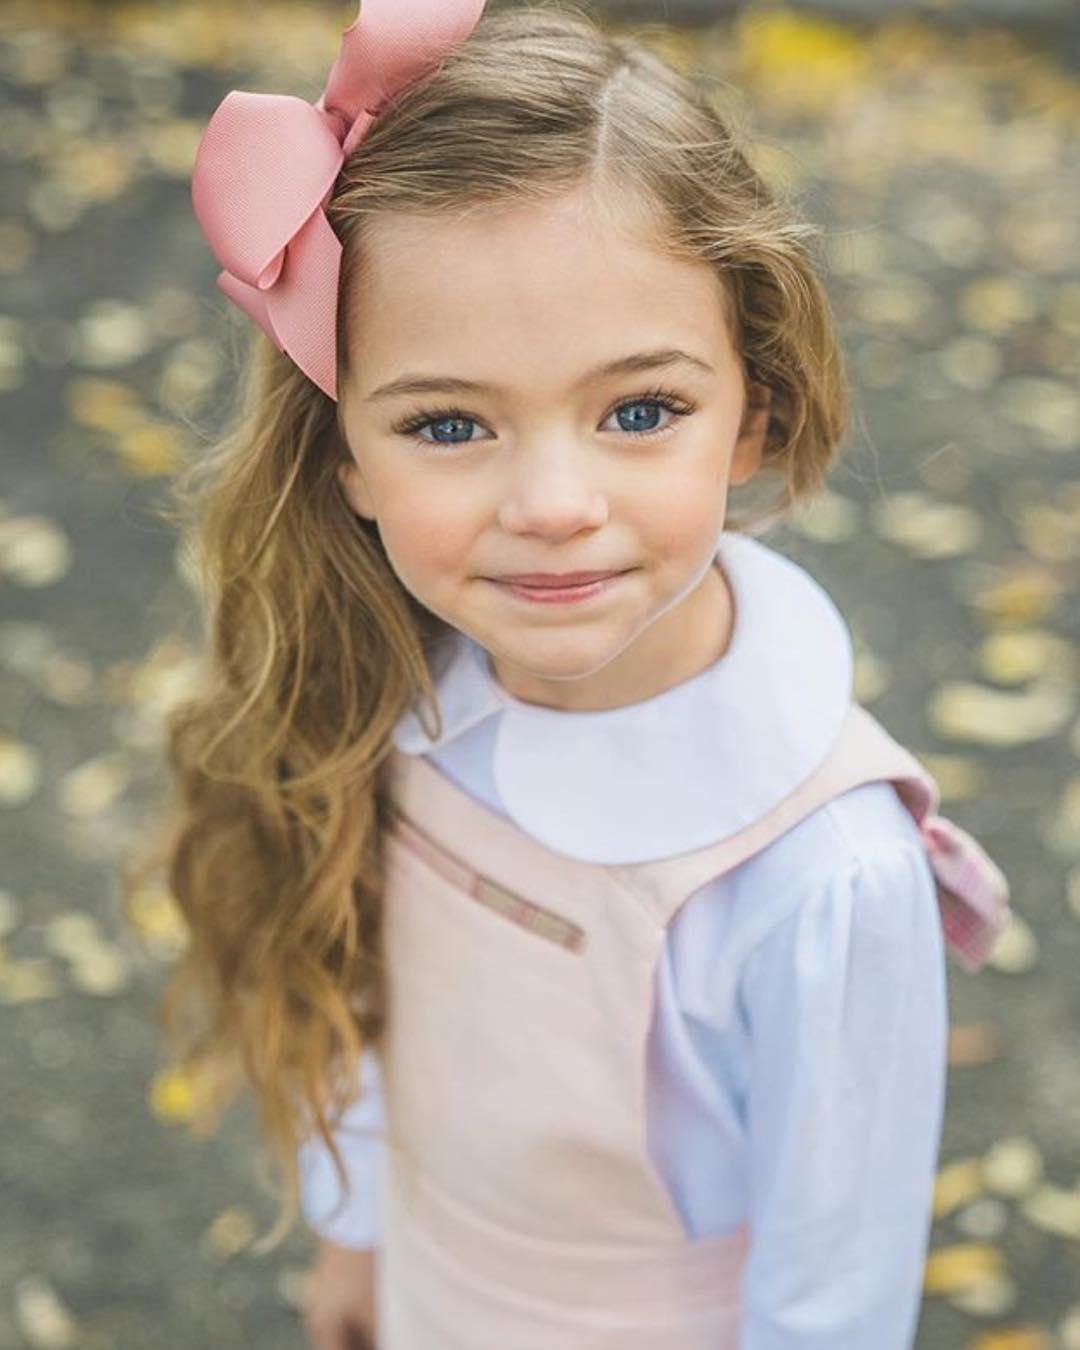 13 nhóc tì nổi tiếng khắp thế giới nhờ vẻ đẹp thiên thần không thể cưỡng lại - ảnh 17